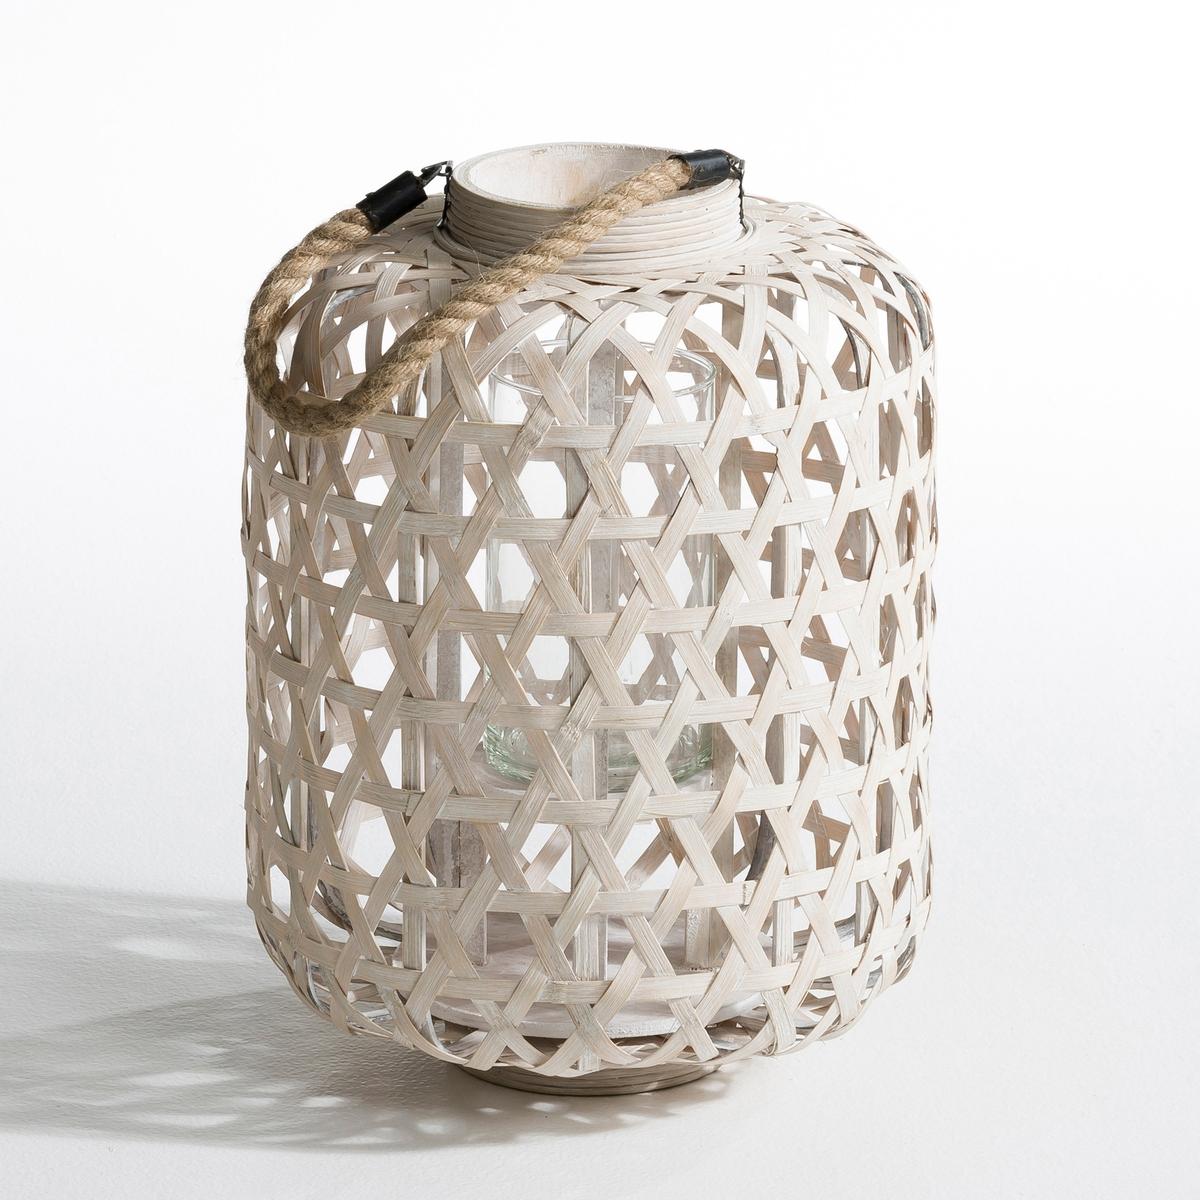 Подсвечник Procida из плетеного бамбукаПодсвечник из плетеного бамбука . Ручка из веревки . Стеклянный сосуд для свечи (?4,5 x Выс. макс..8 см) в комплект не входит . Размер . ?29 x Выс..40 см.  .<br><br>Цвет: серо-бежевый,черный<br>Размер: единый размер